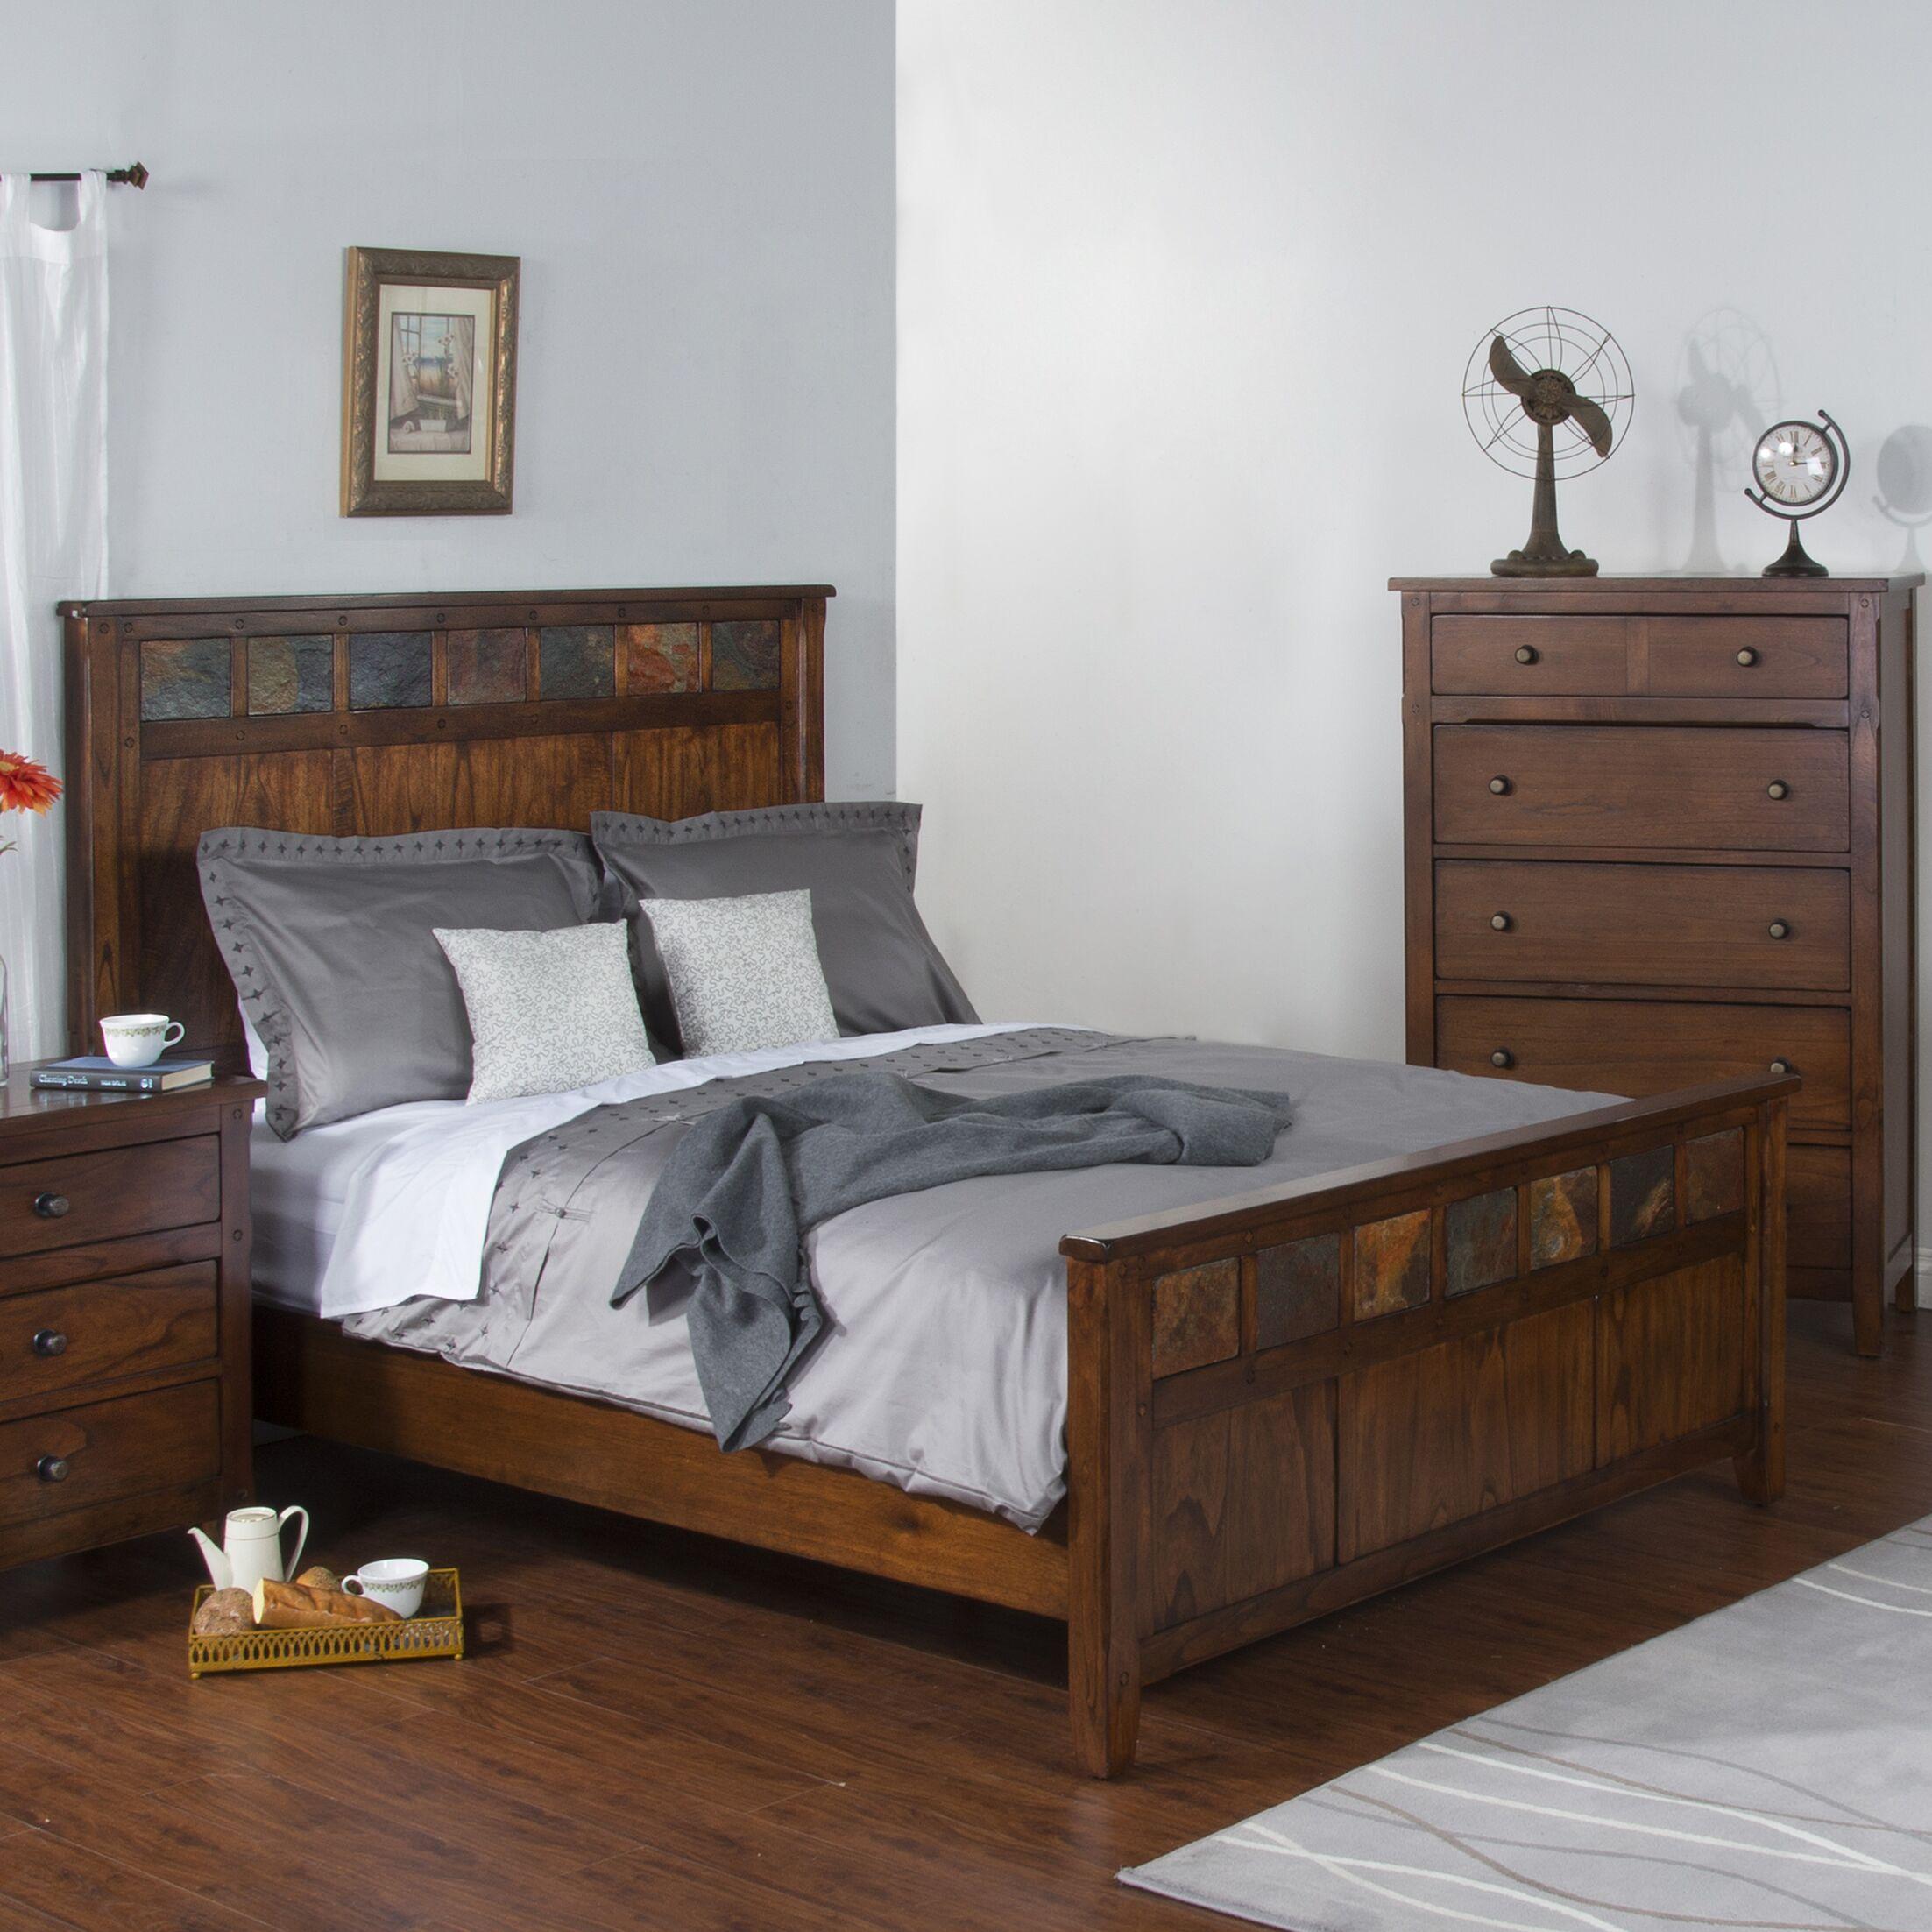 Goldfield Platform Bed Size: King